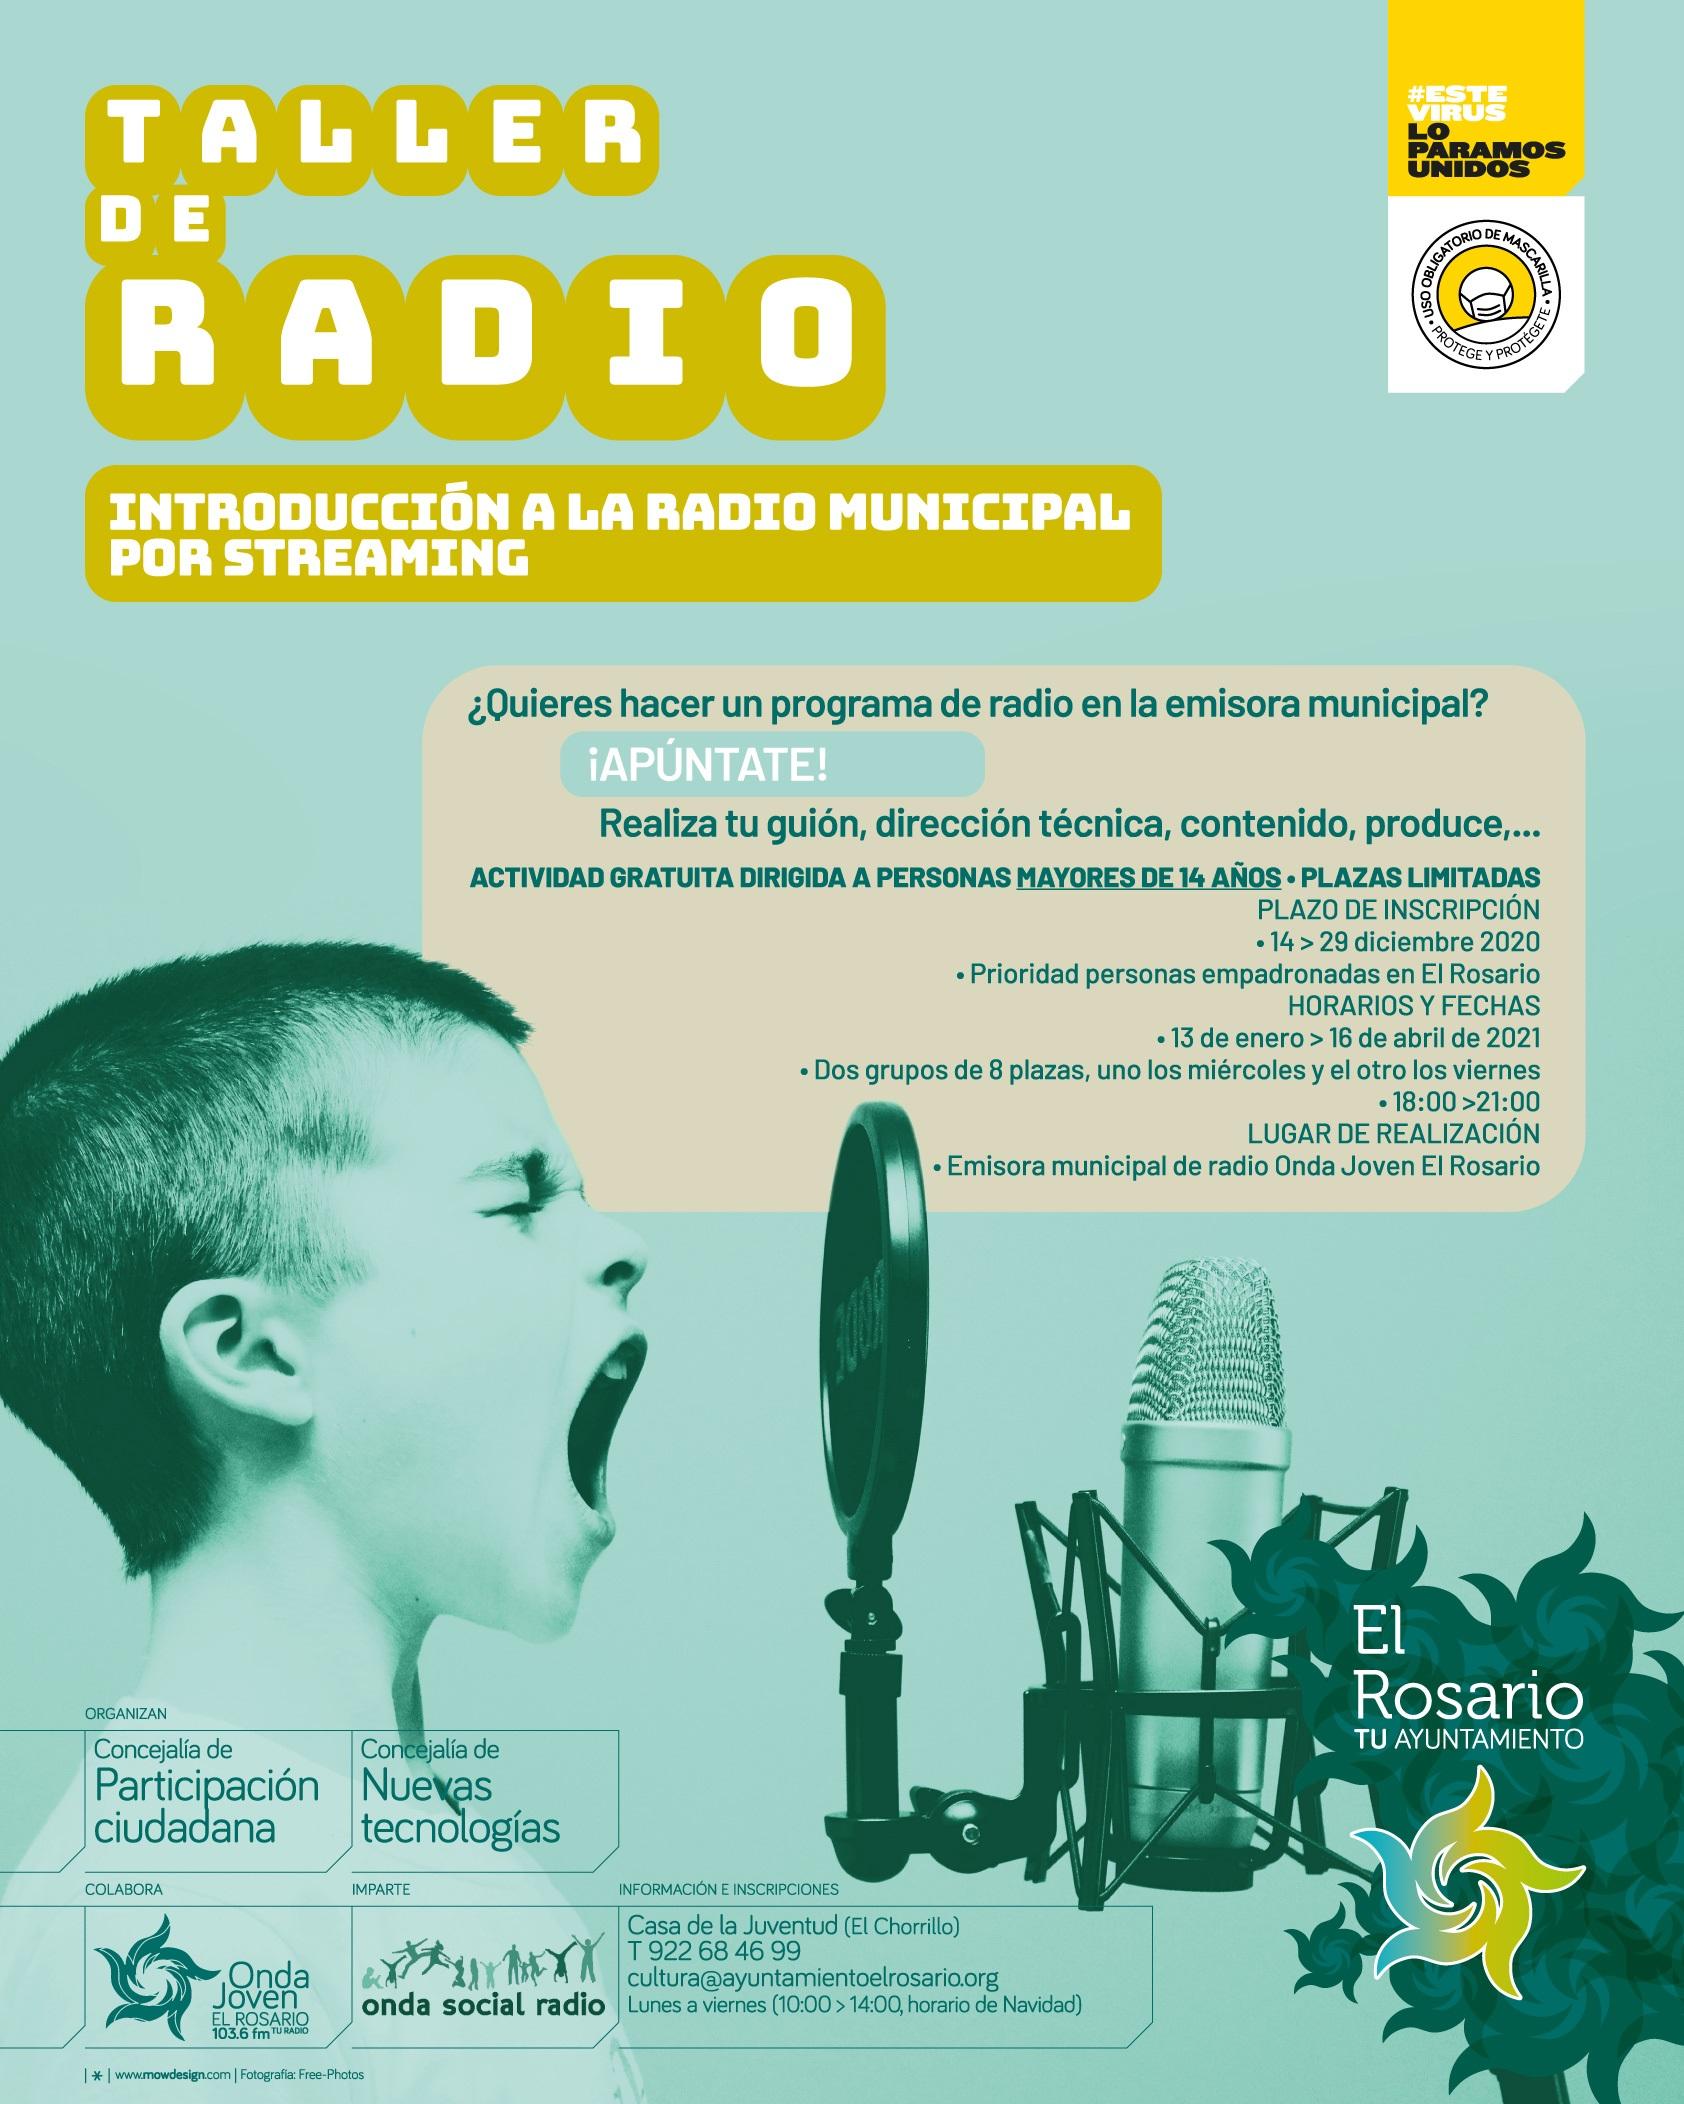 Taller-de-radio-20201214-CARTEL_A3-20201200-02af-redes - copia